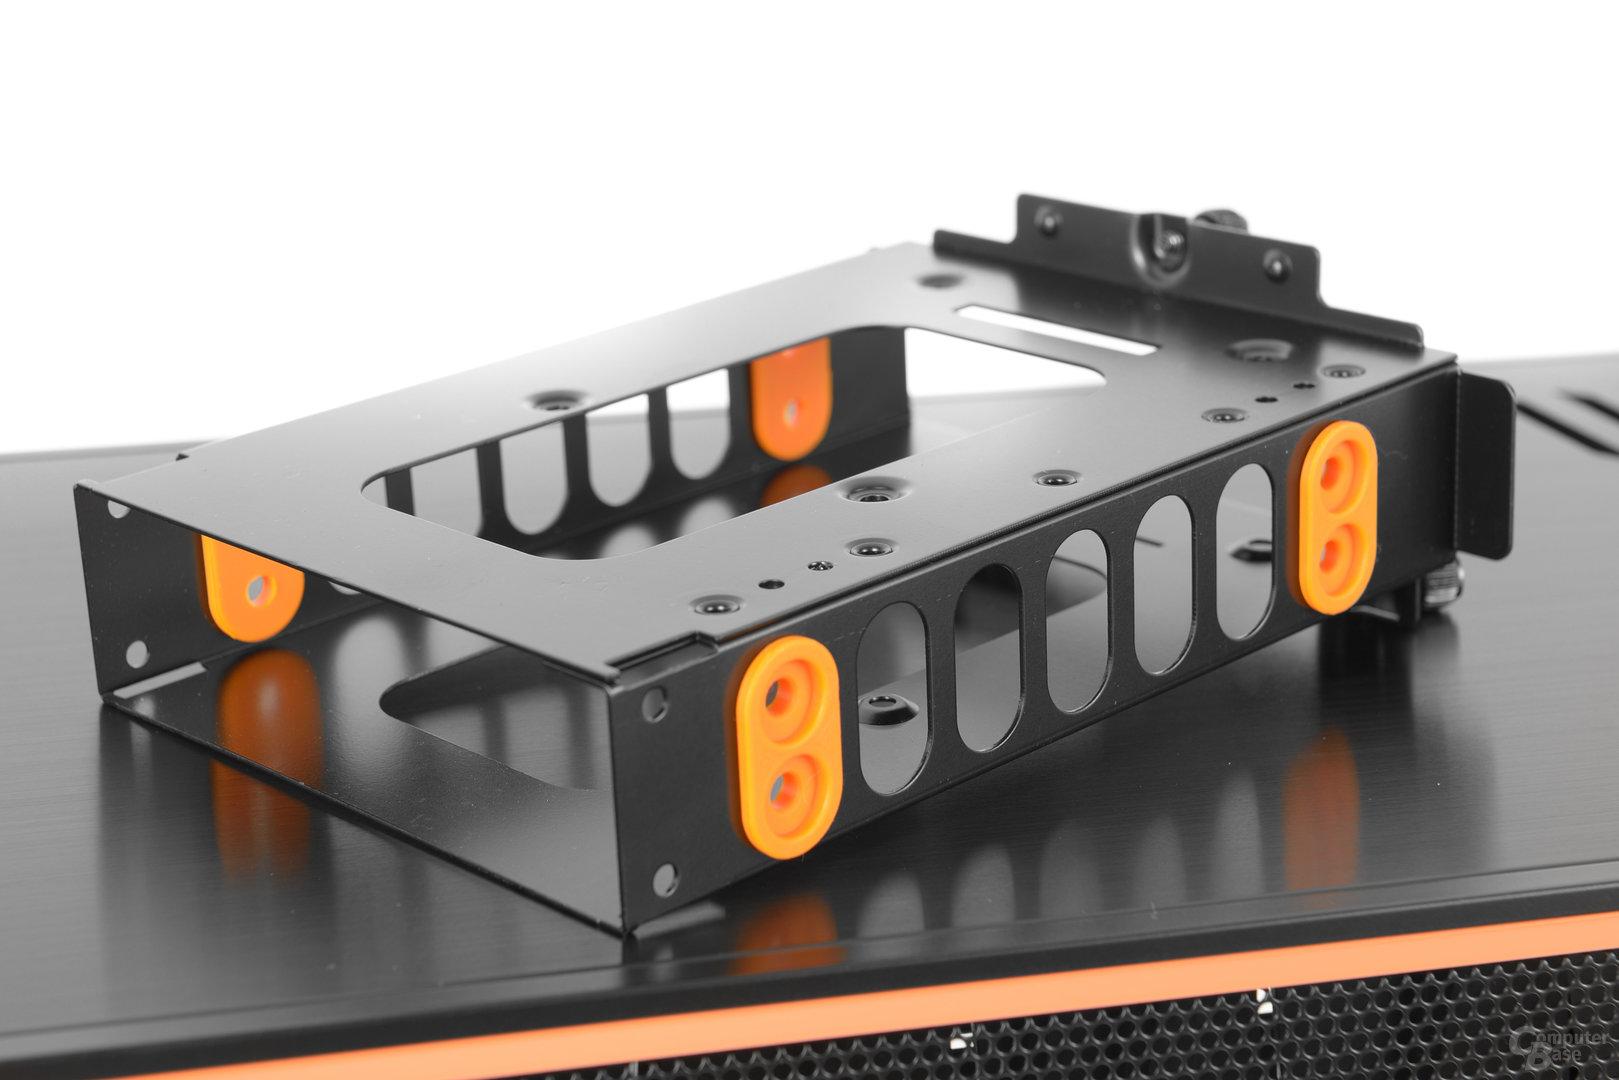 be quiet! Dark Base Pro 900 – Festplattenbracket im Detail